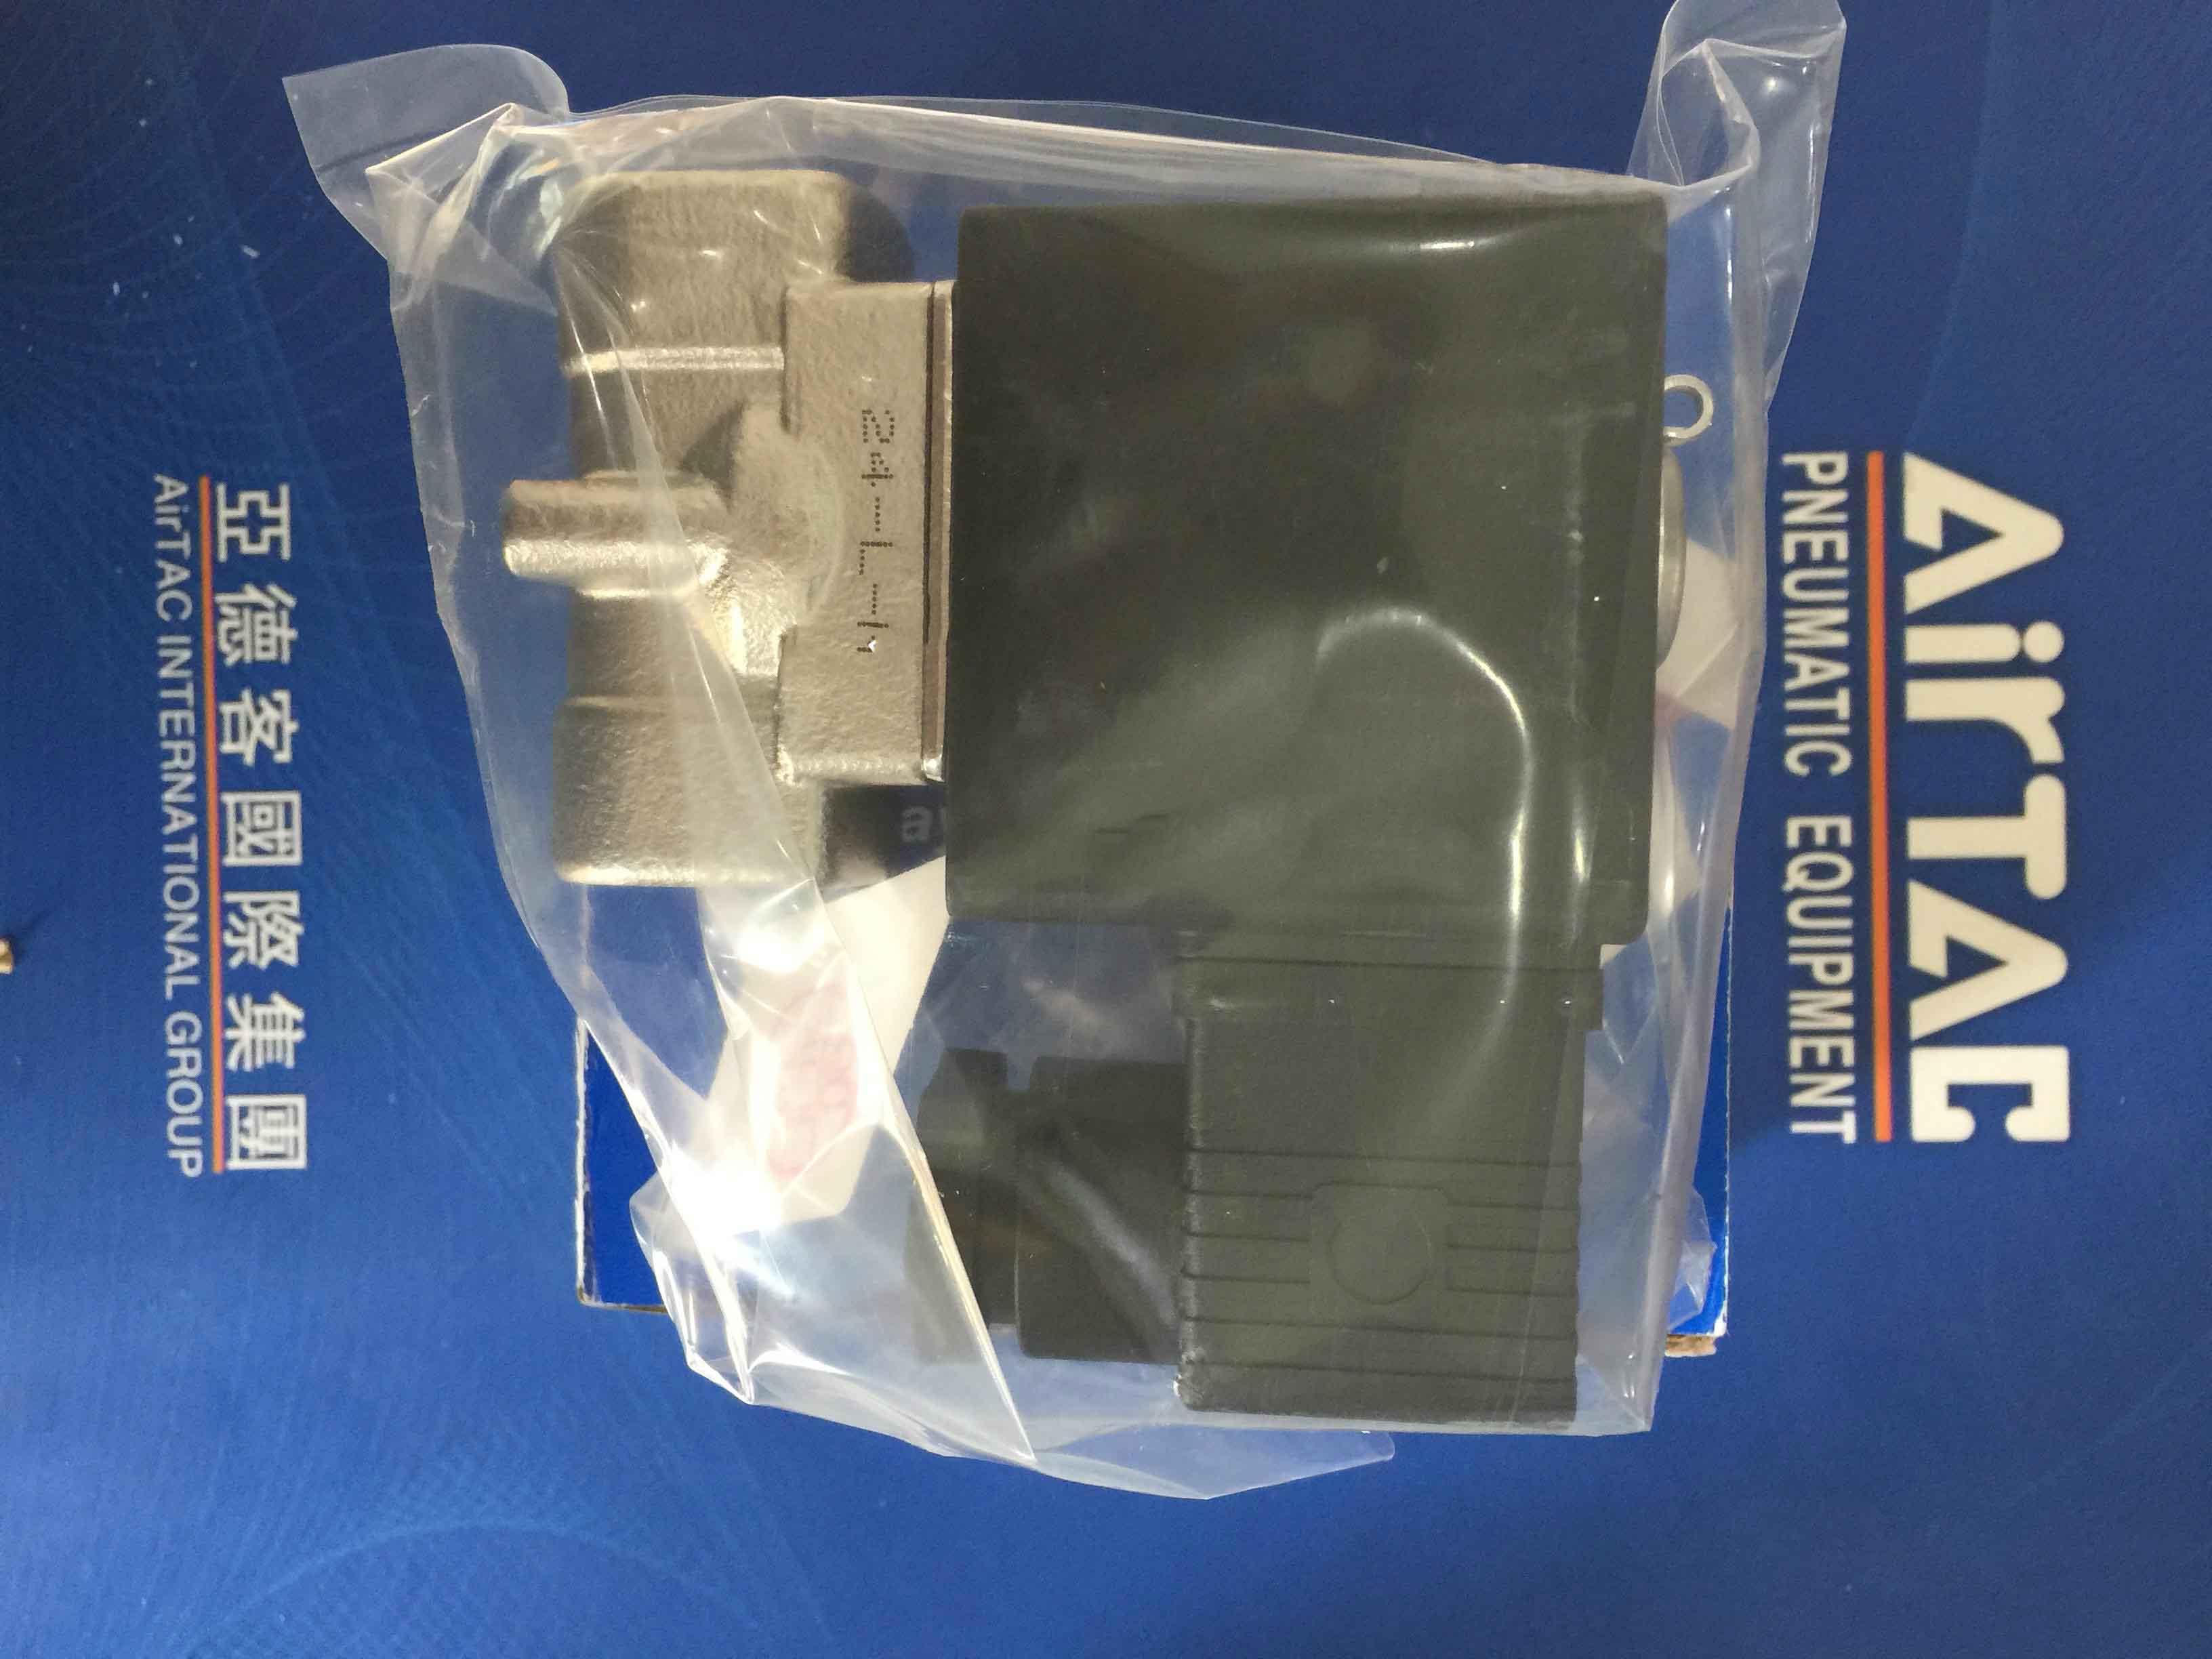 Edelstahl - Al - passagiere AIRTAC normalerweise dampf magnetventil 2KL030-062KL030-08